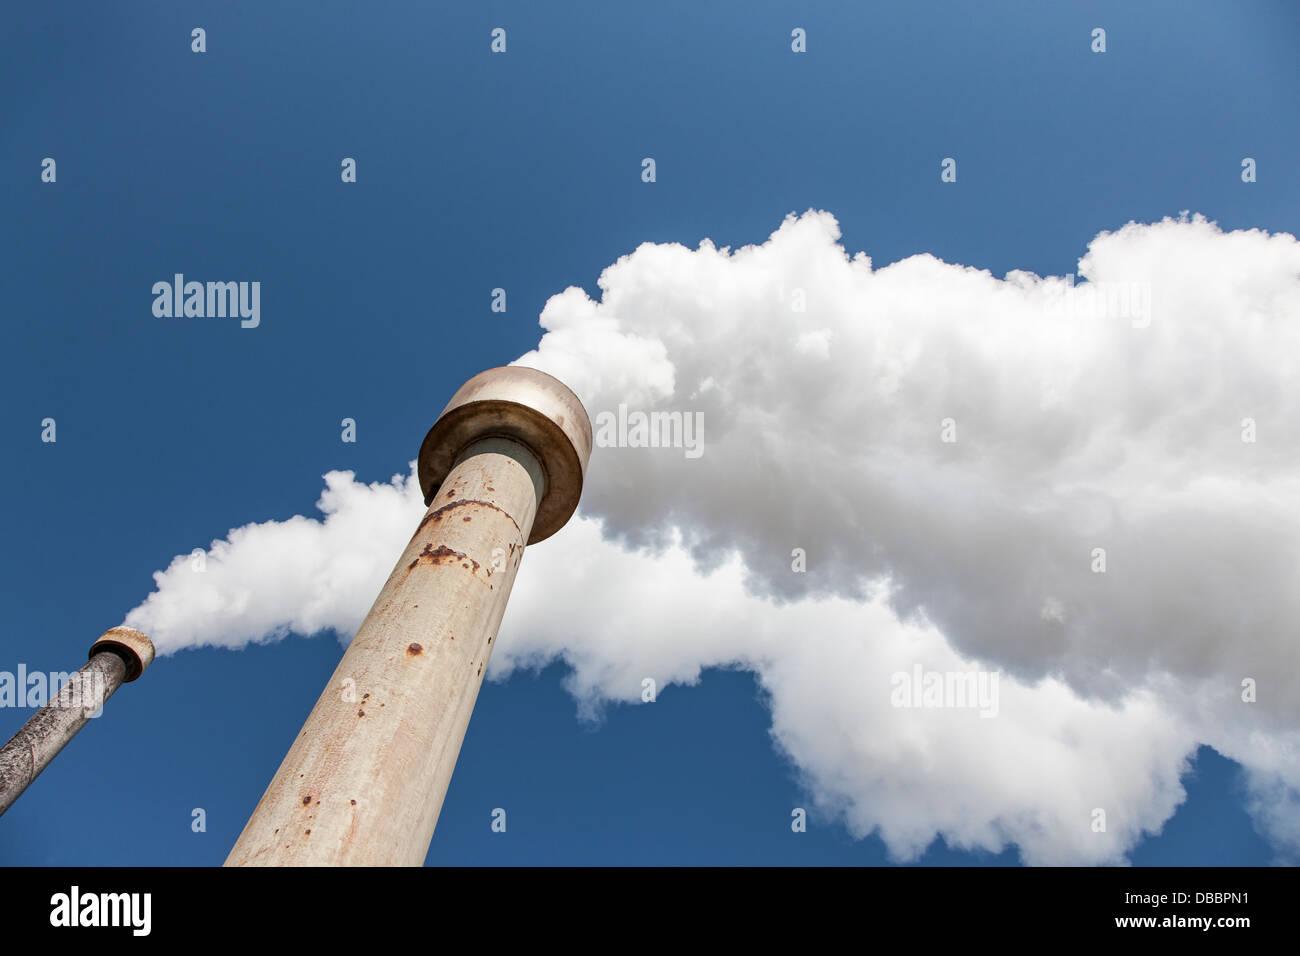 Énorme quantité de fumée provenant d'une usine Photo Stock